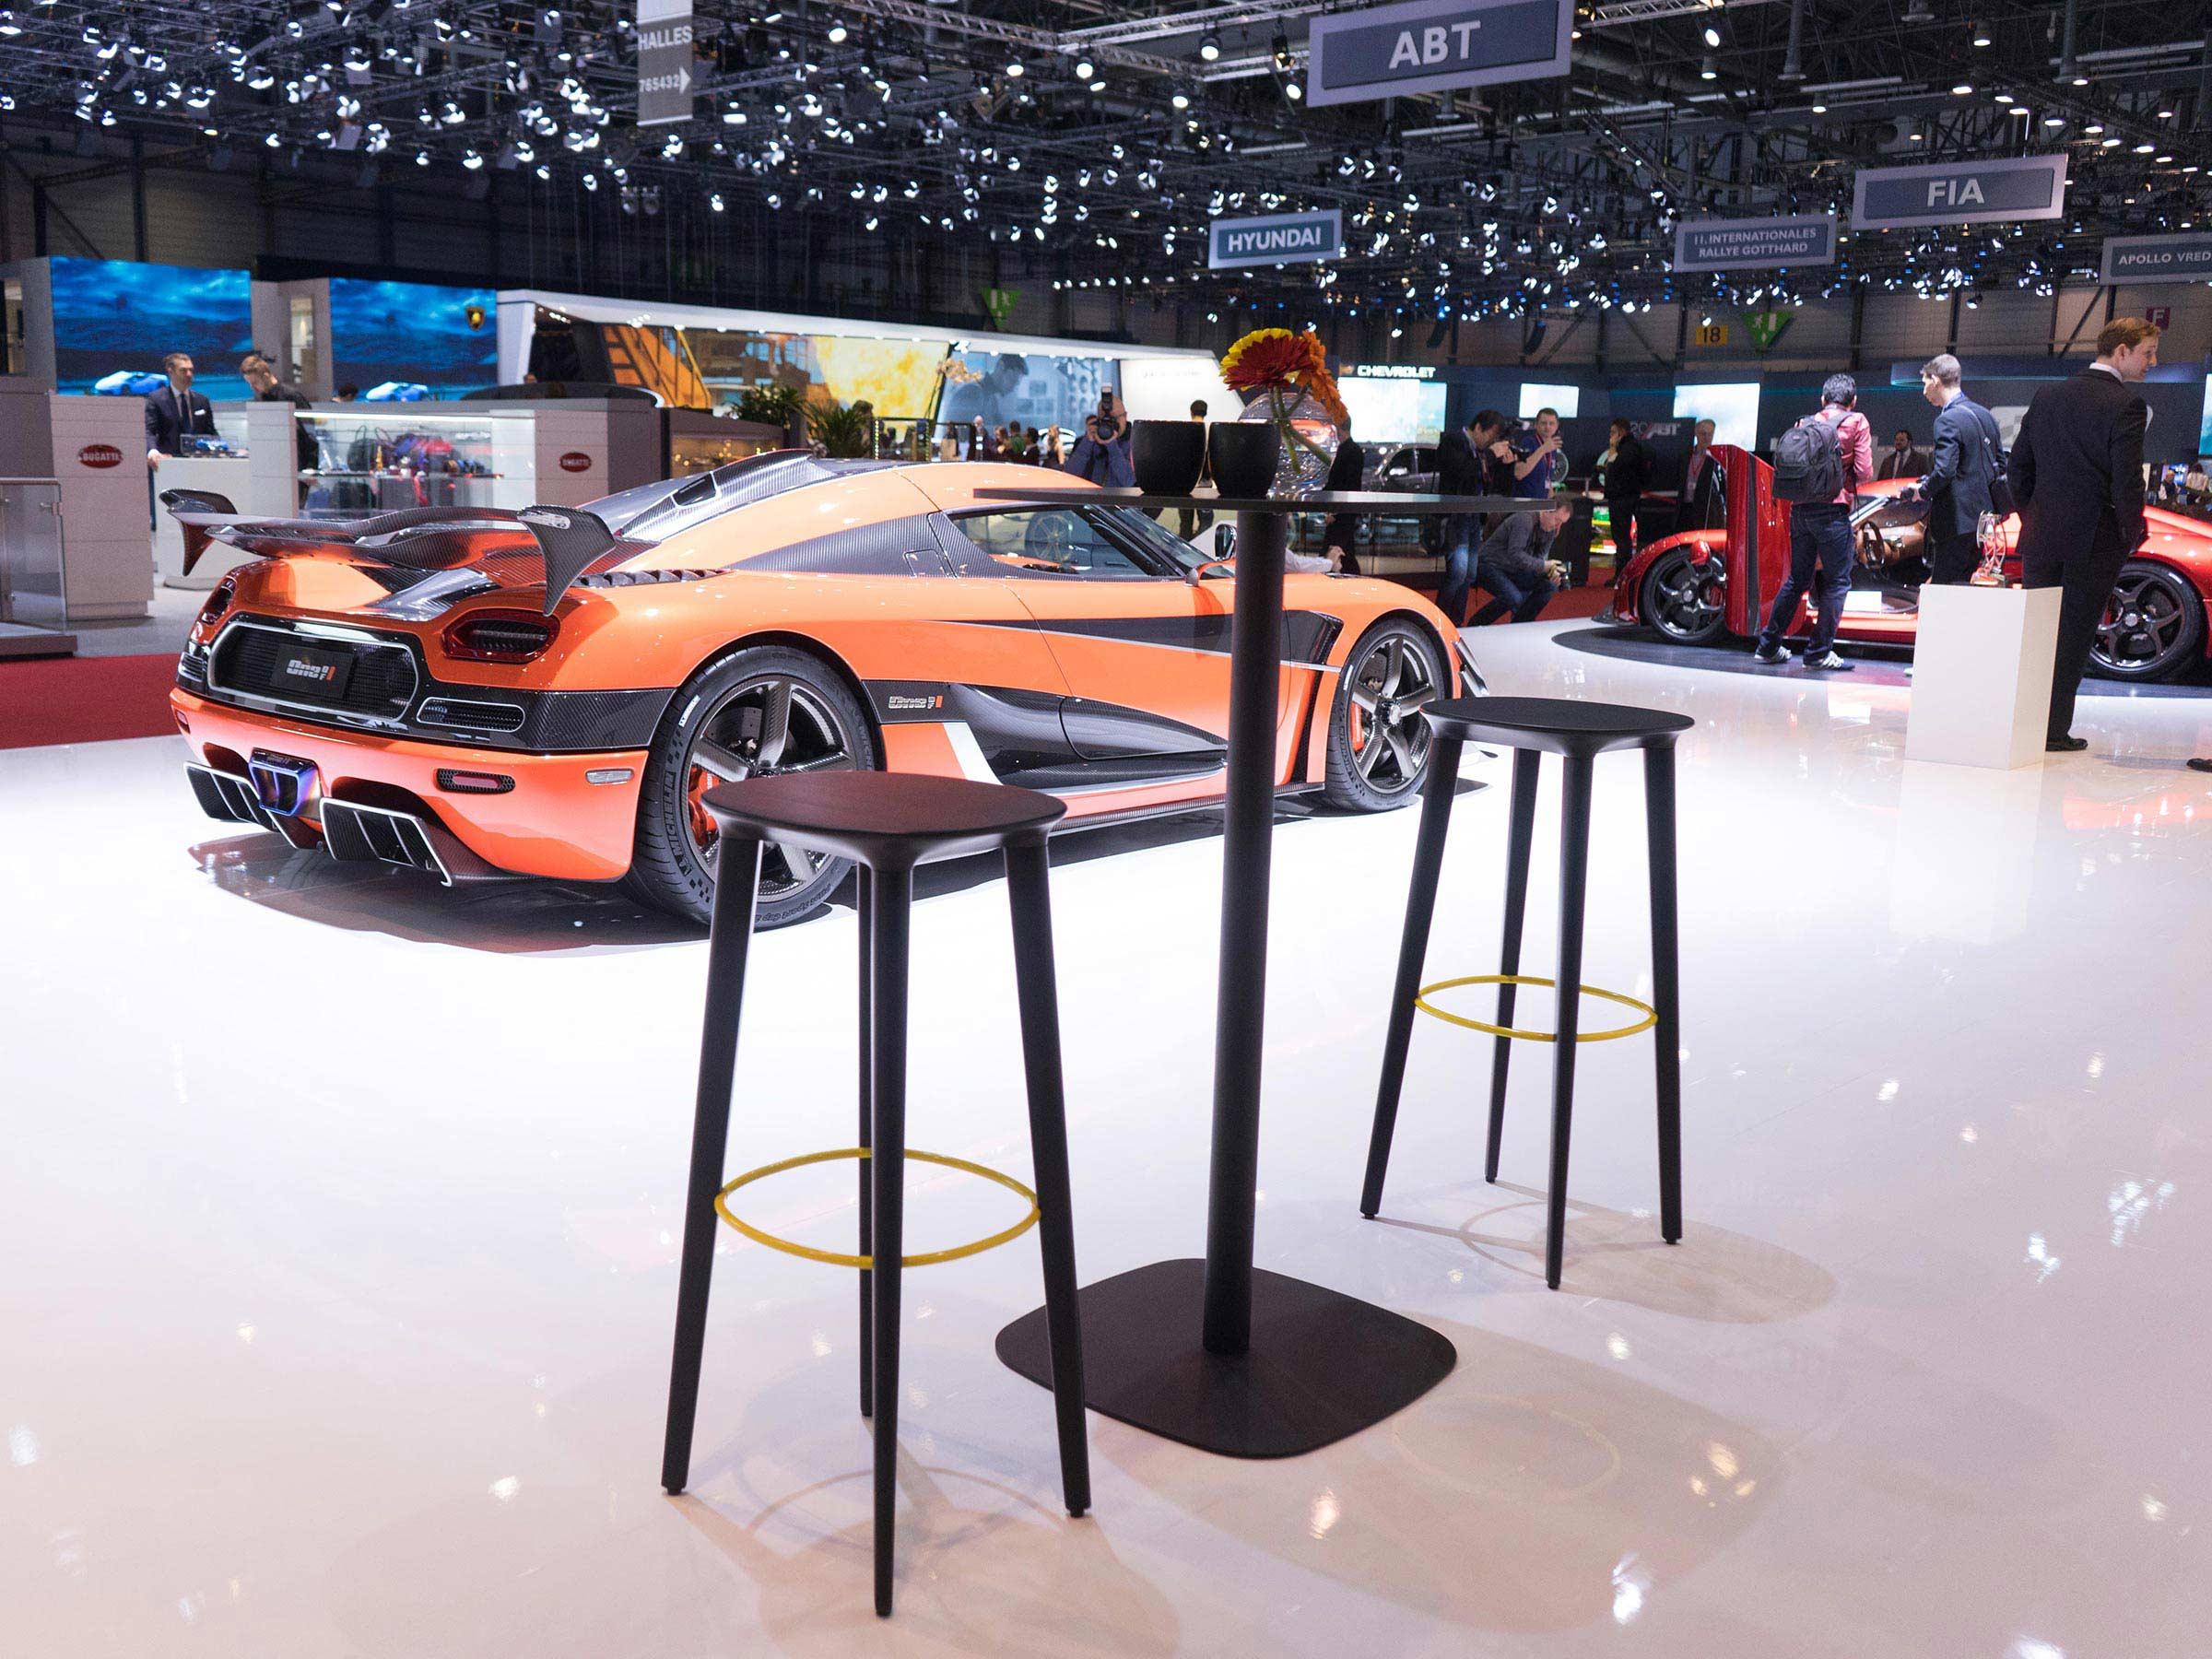 https://www.minustio.se/wp-content/uploads/2021/04/Minustio-Audrey-Koenigsegg-Geneva-2016-7-1-1600x900.jpeg